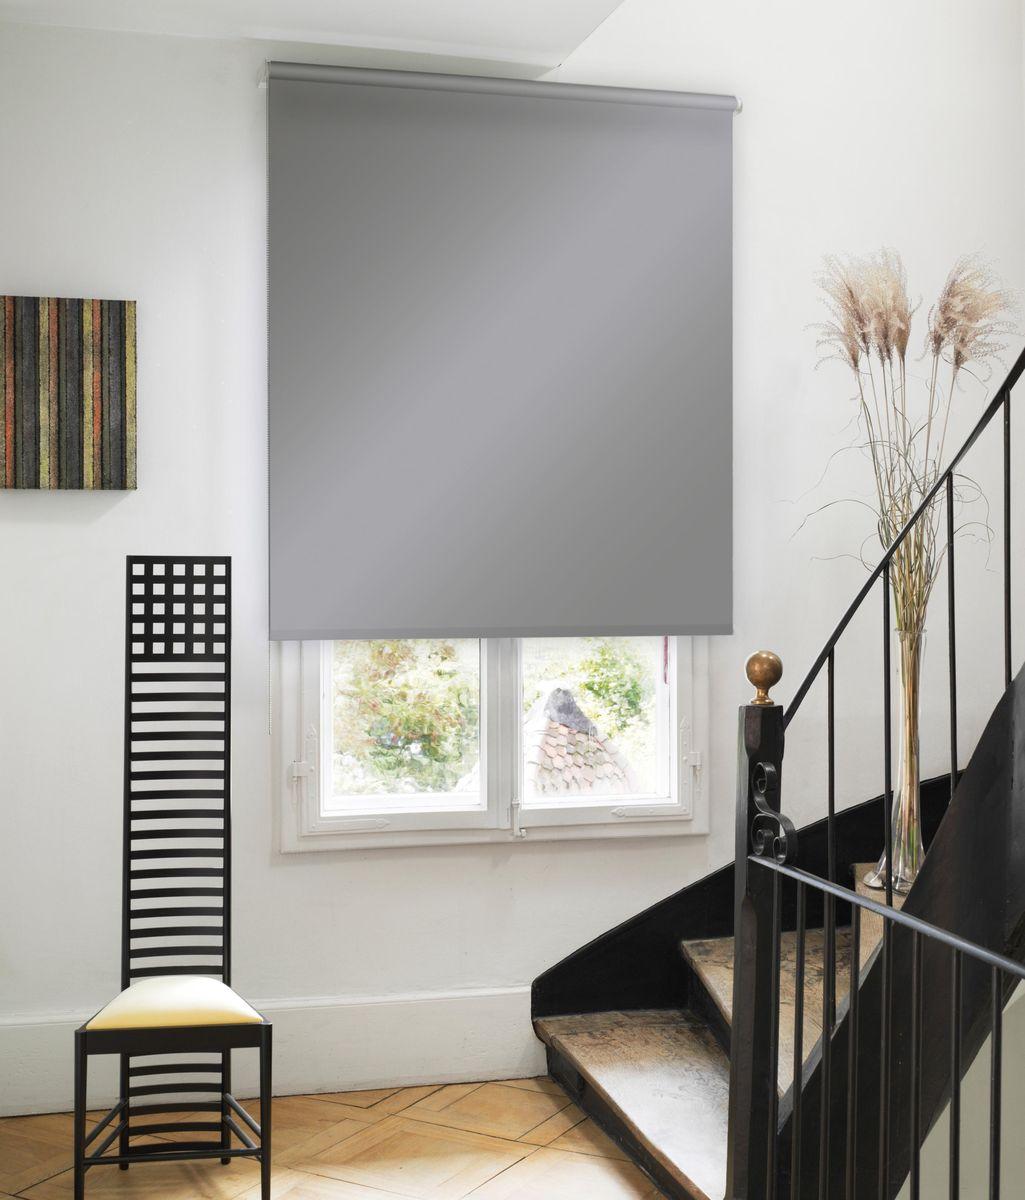 Штора рулонная Эскар, цвет: серый, ширина 150 см, высота 170 см81020150170Рулонными шторами можно оформлять окна как самостоятельно, так и использовать в комбинации с портьерами. Это поможет предотвратить выгорание дорогой ткани на солнце и соединит функционал рулонных с красотой навесных. Преимущества применения рулонных штор для пластиковых окон: - имеют прекрасный внешний вид: многообразие и фактурность материала изделия отлично смотрятся в любом интерьере; - многофункциональны: есть возможность подобрать шторы способные эффективно защитить комнату от солнца, при этом она не будет слишком темной. - Есть возможность осуществить быстрый монтаж. ВНИМАНИЕ! Размеры ширины изделия указаны по ширине ткани! Во время эксплуатации не рекомендуется полностью разматывать рулон, чтобы не оторвать ткань от намоточного вала. В случае загрязнения поверхности ткани, чистку шторы проводят одним из способов, в зависимости от типа загрязнения: легкое поверхностное загрязнение можно удалить при помощи канцелярского ластика; чистка от пыли производится сухим методом при...